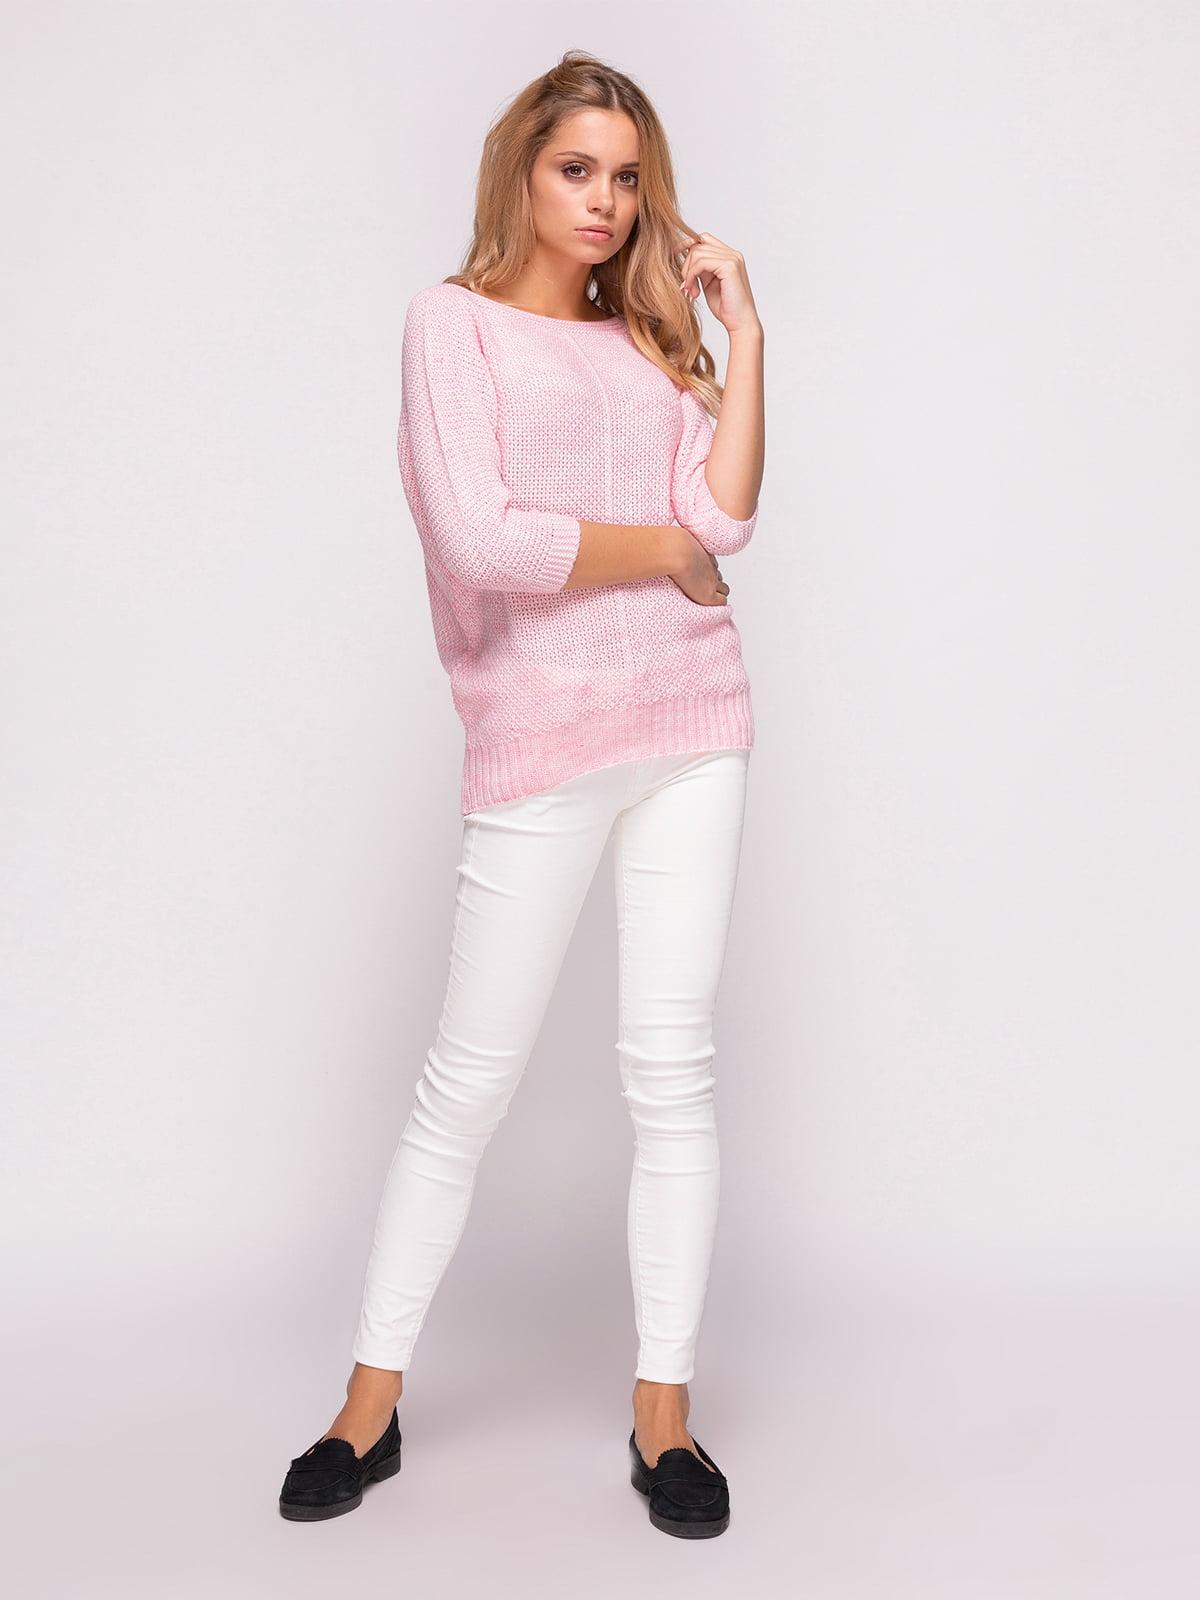 Джемпер рожевий   4567010   фото 2